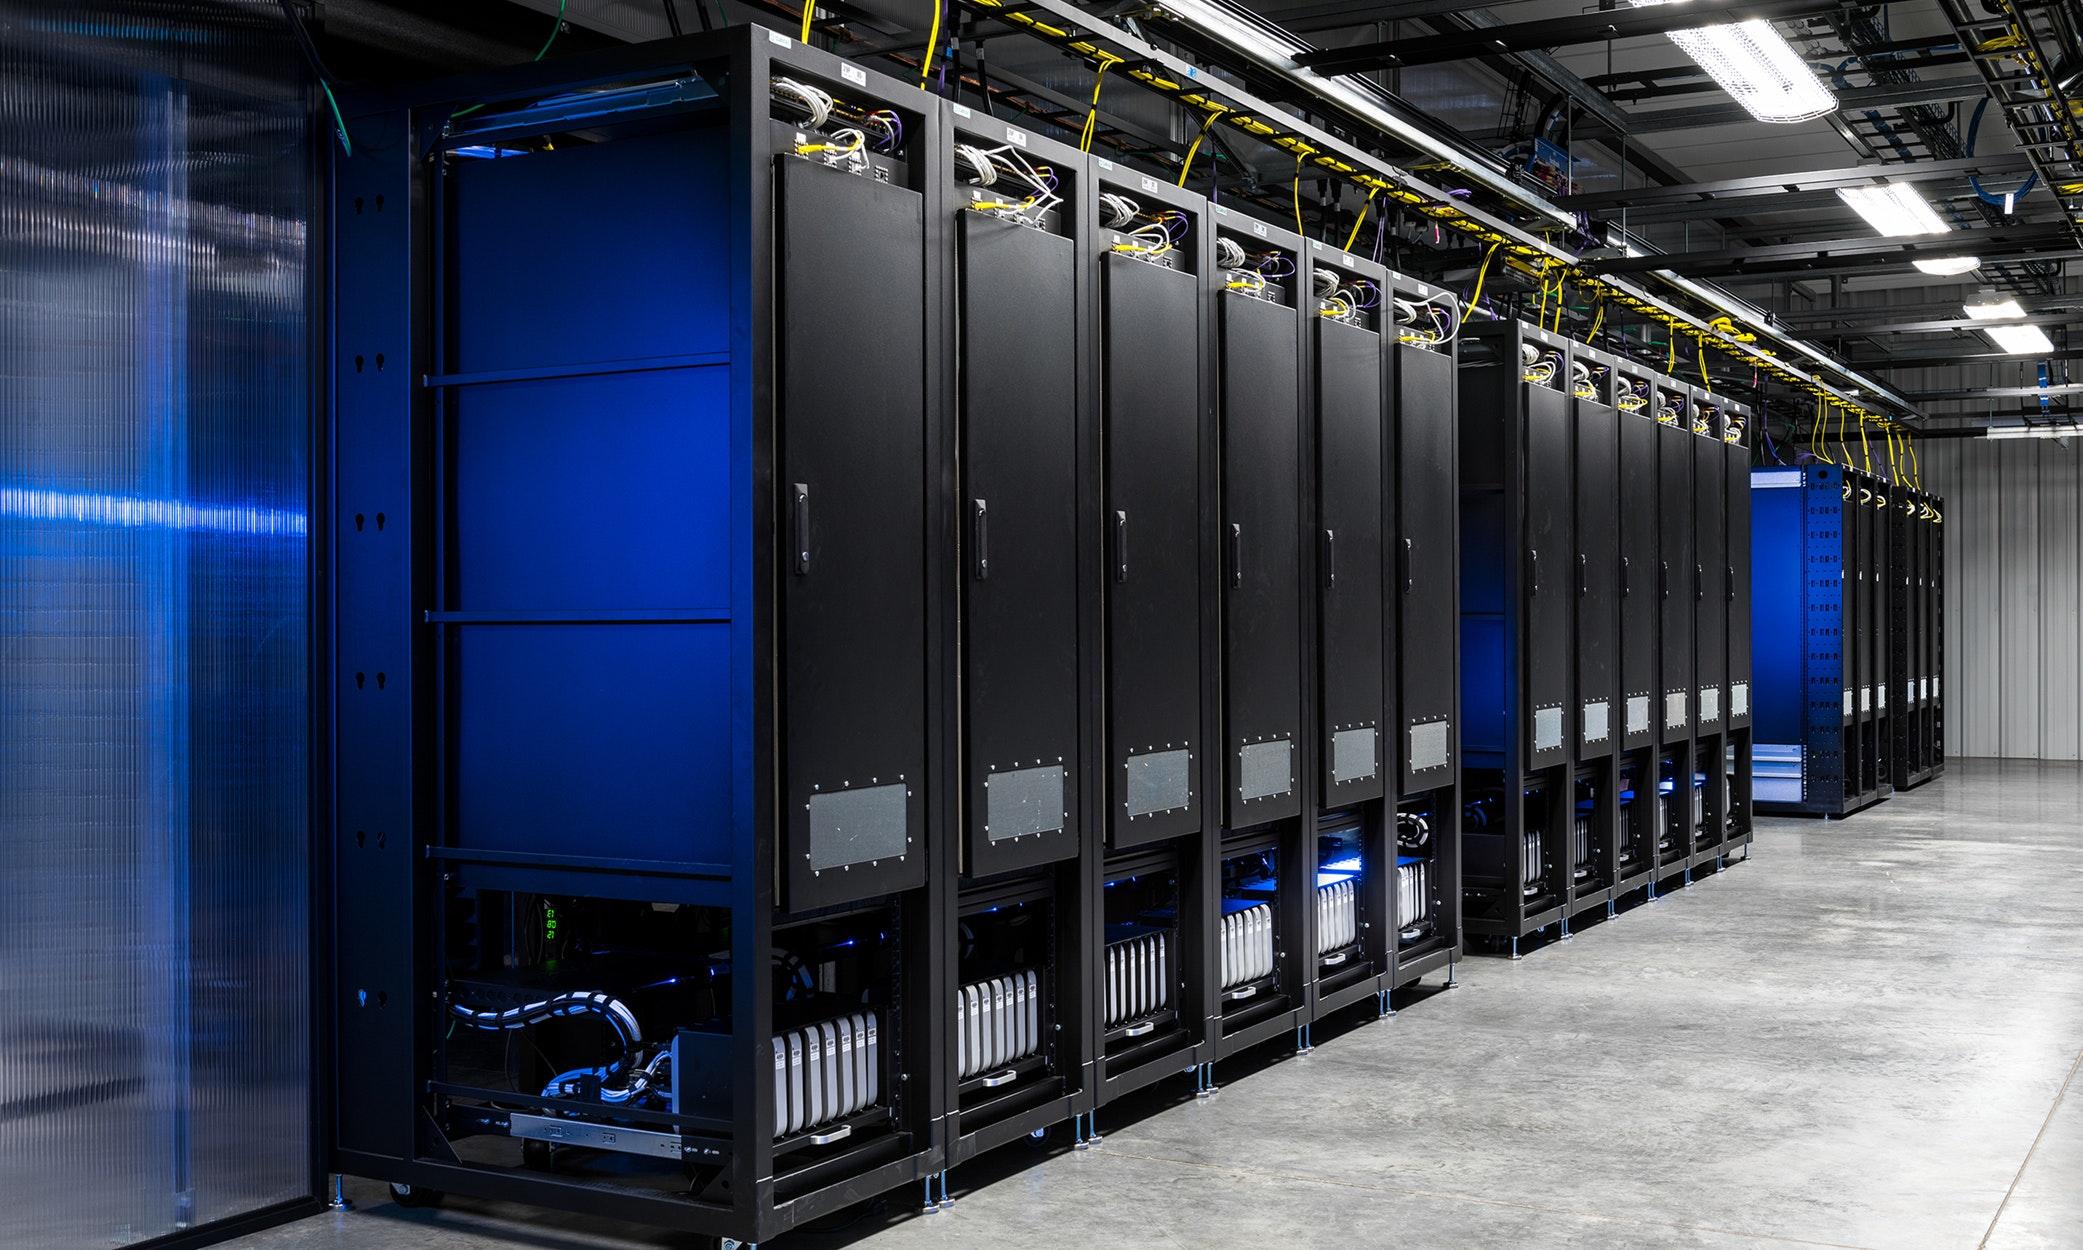 Invertirá Ascenty 350 mdd para construir centro de datos en Querétaro